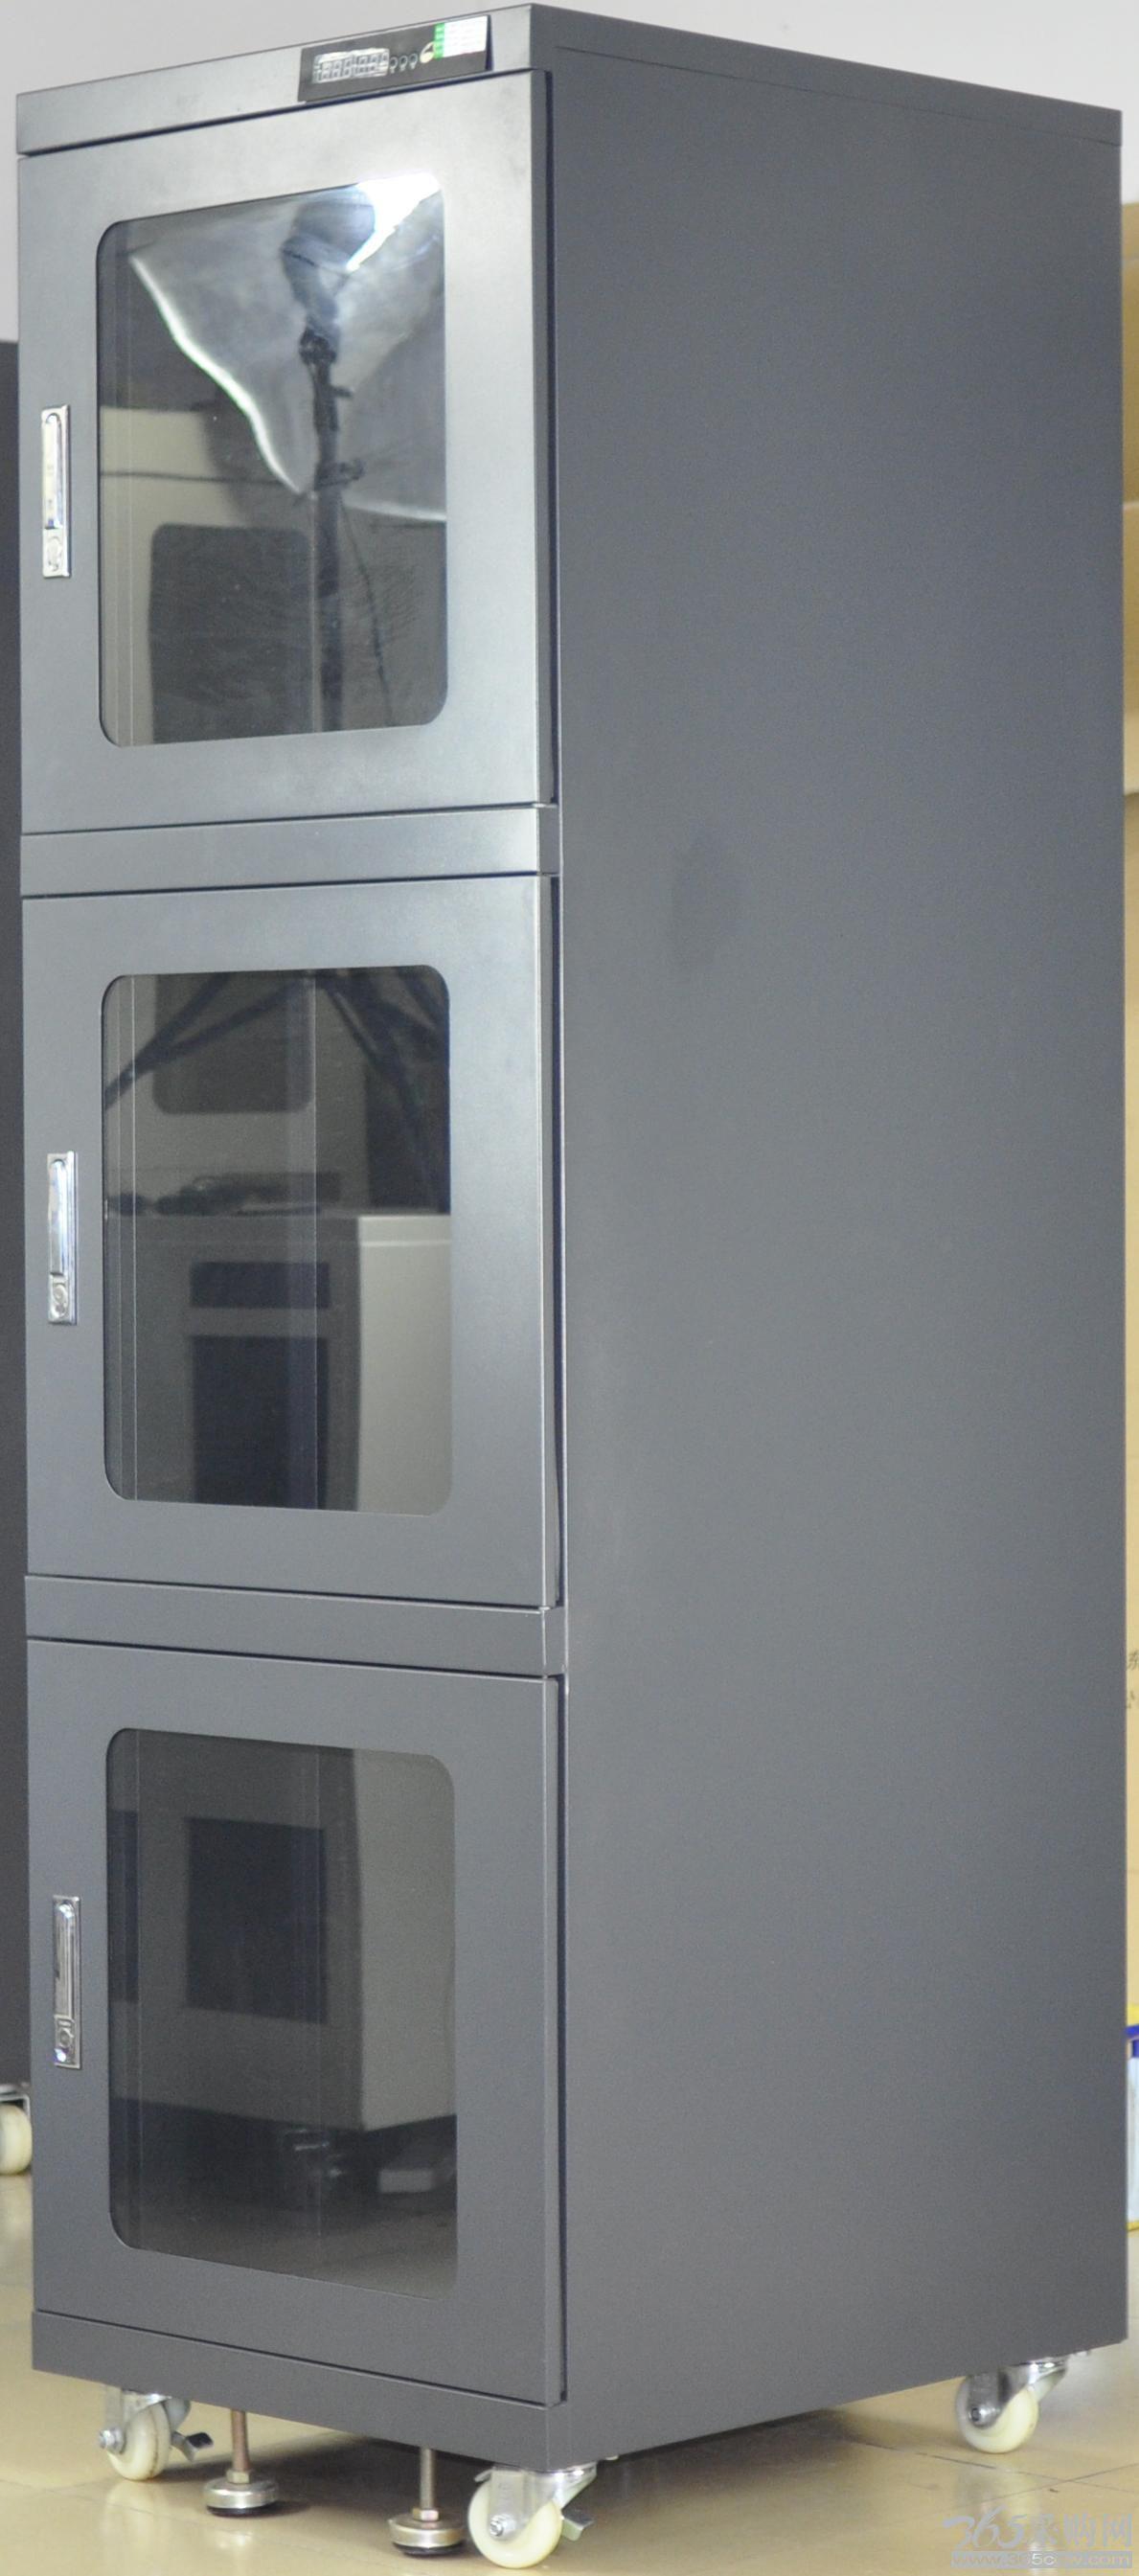 电子元器件防潮箱,电容器防潮箱 led防潮箱 led干燥柜,电路板防潮柜